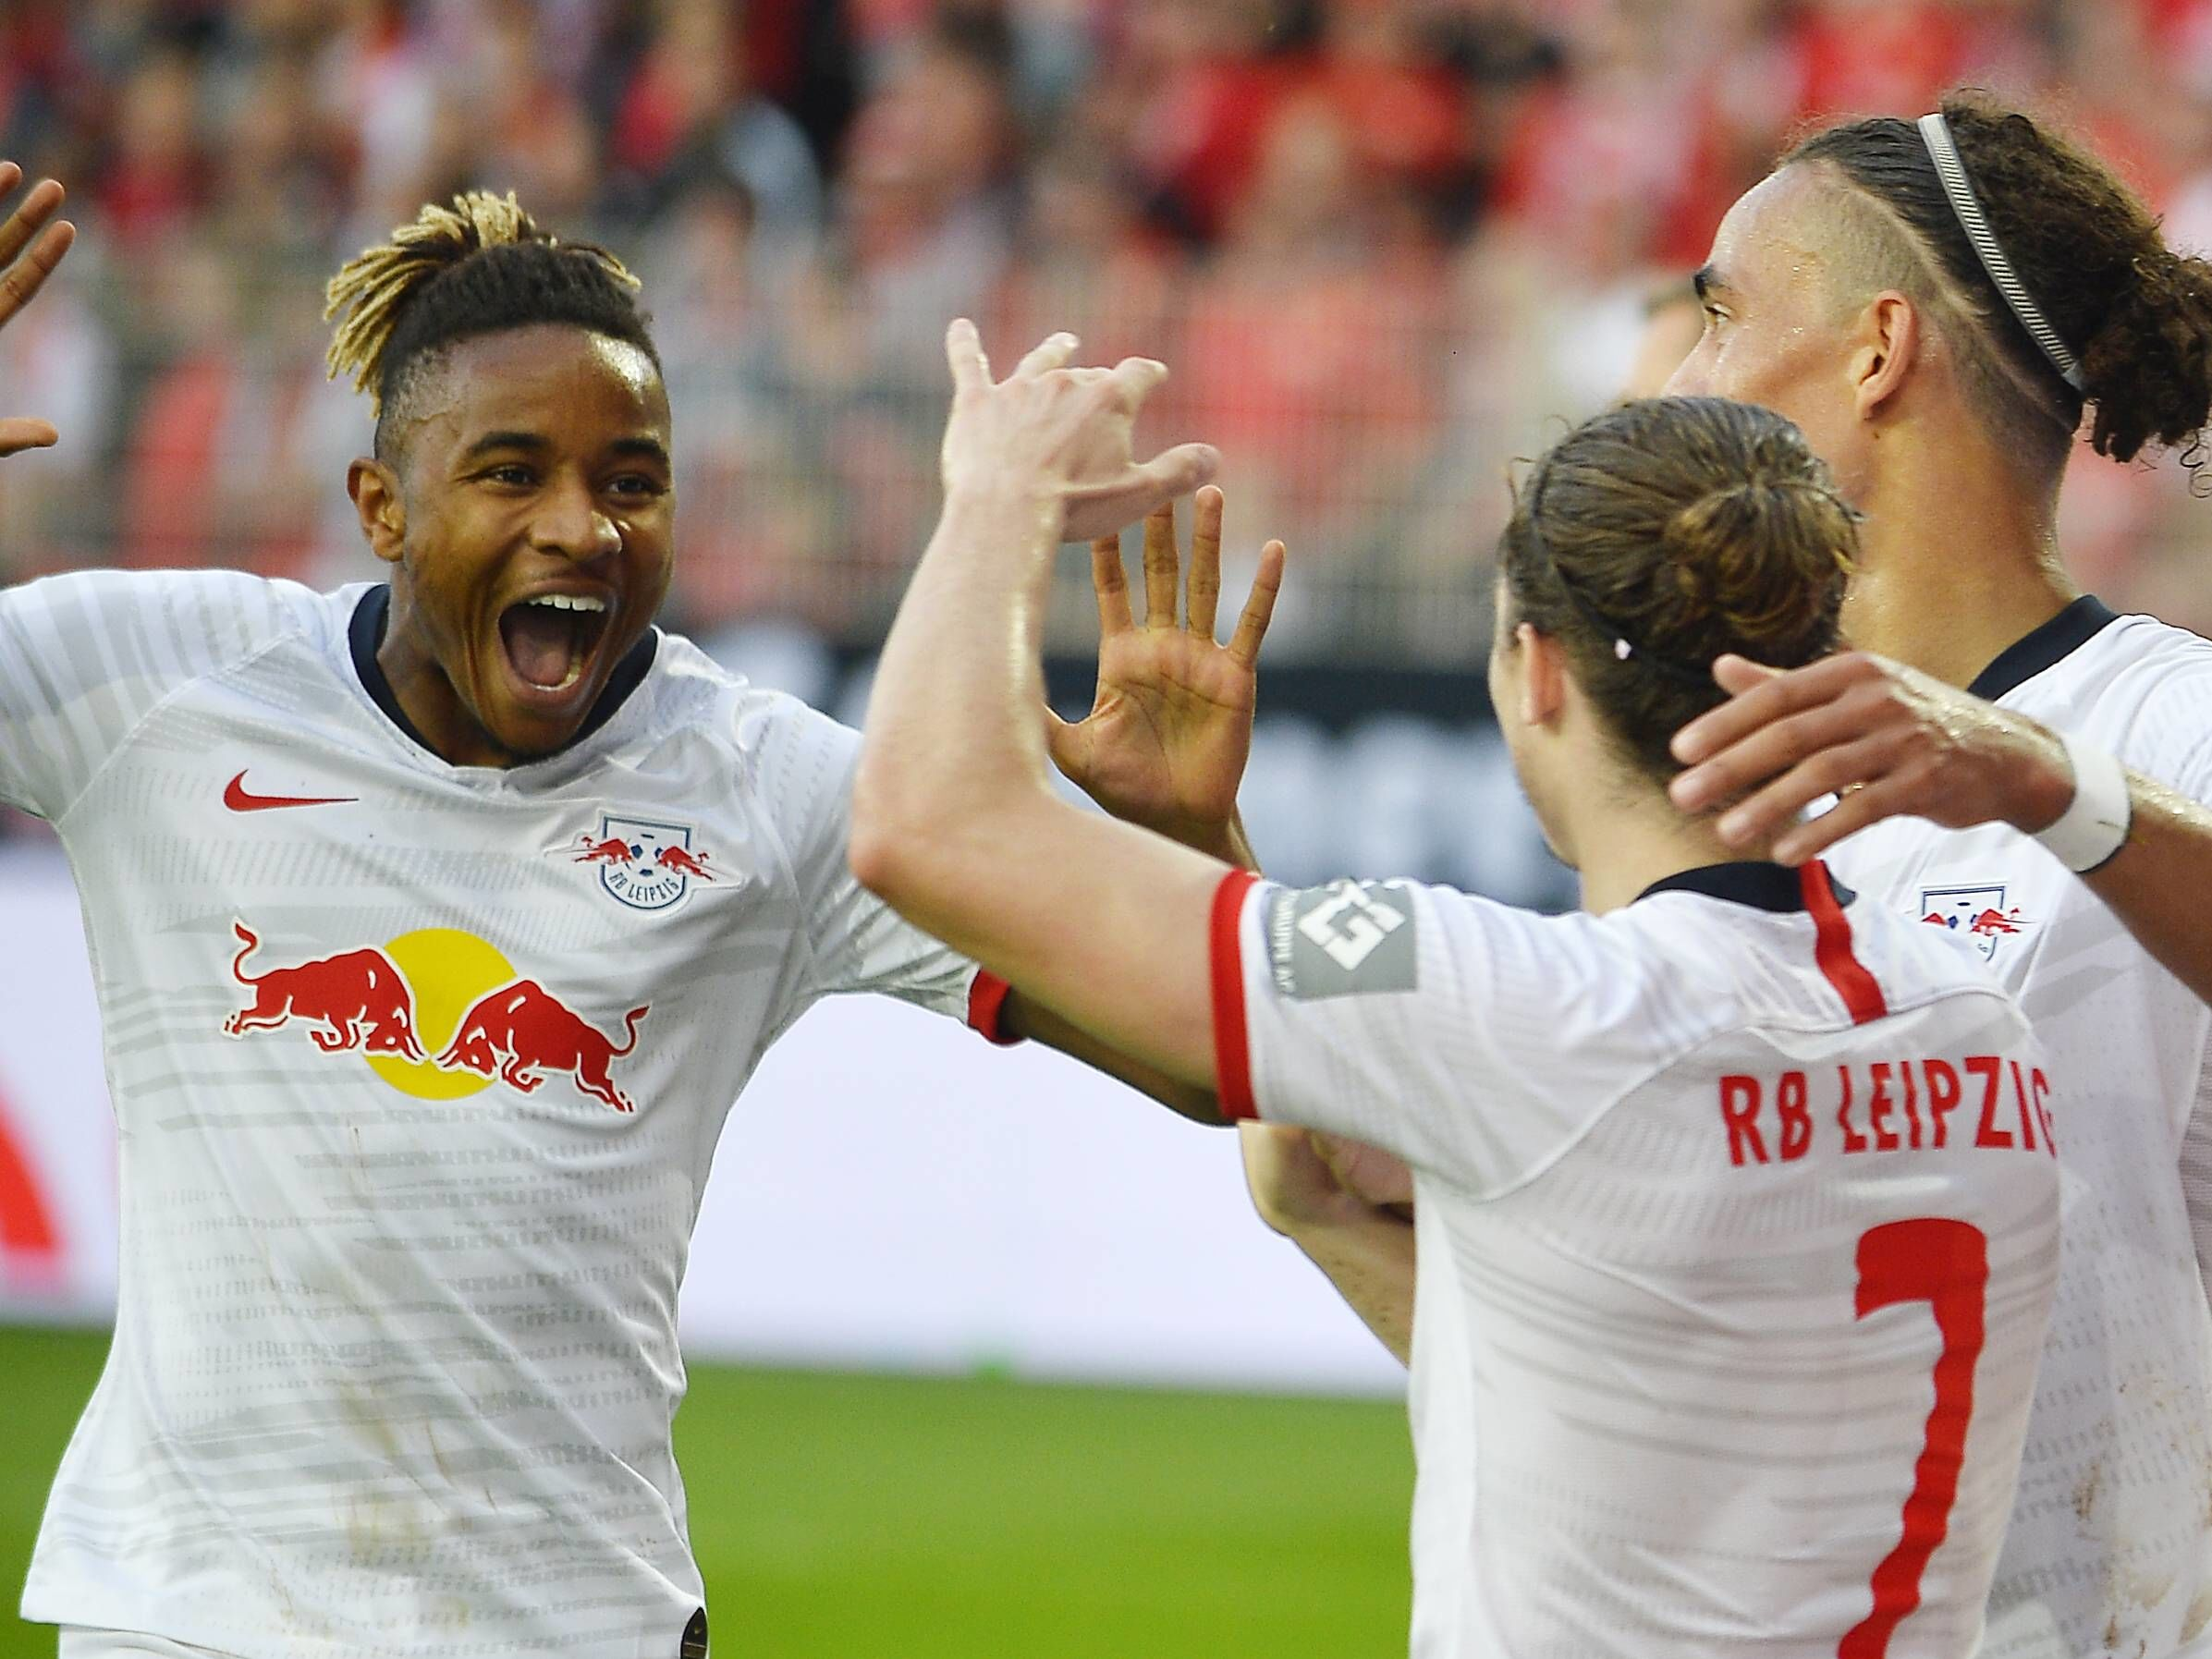 Jubelt RB Leipzig auch gegen Eintracht Frankfurt?